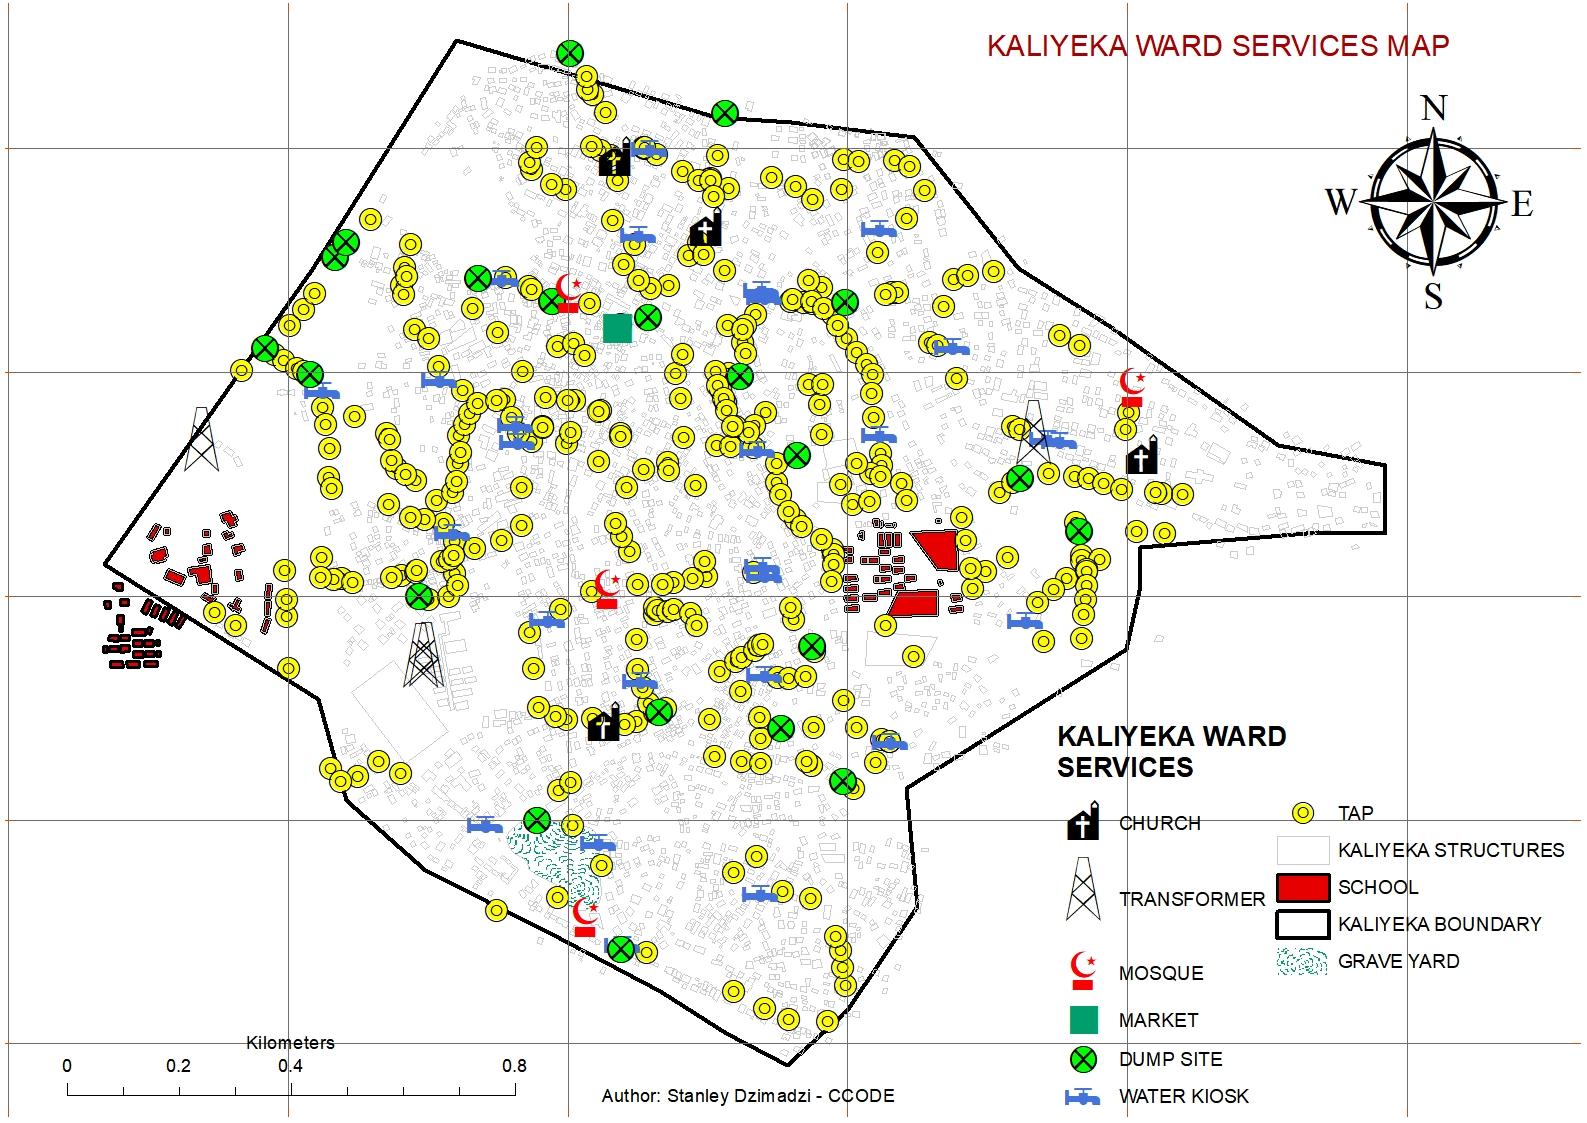 KALIYEKA SERVICES MAP